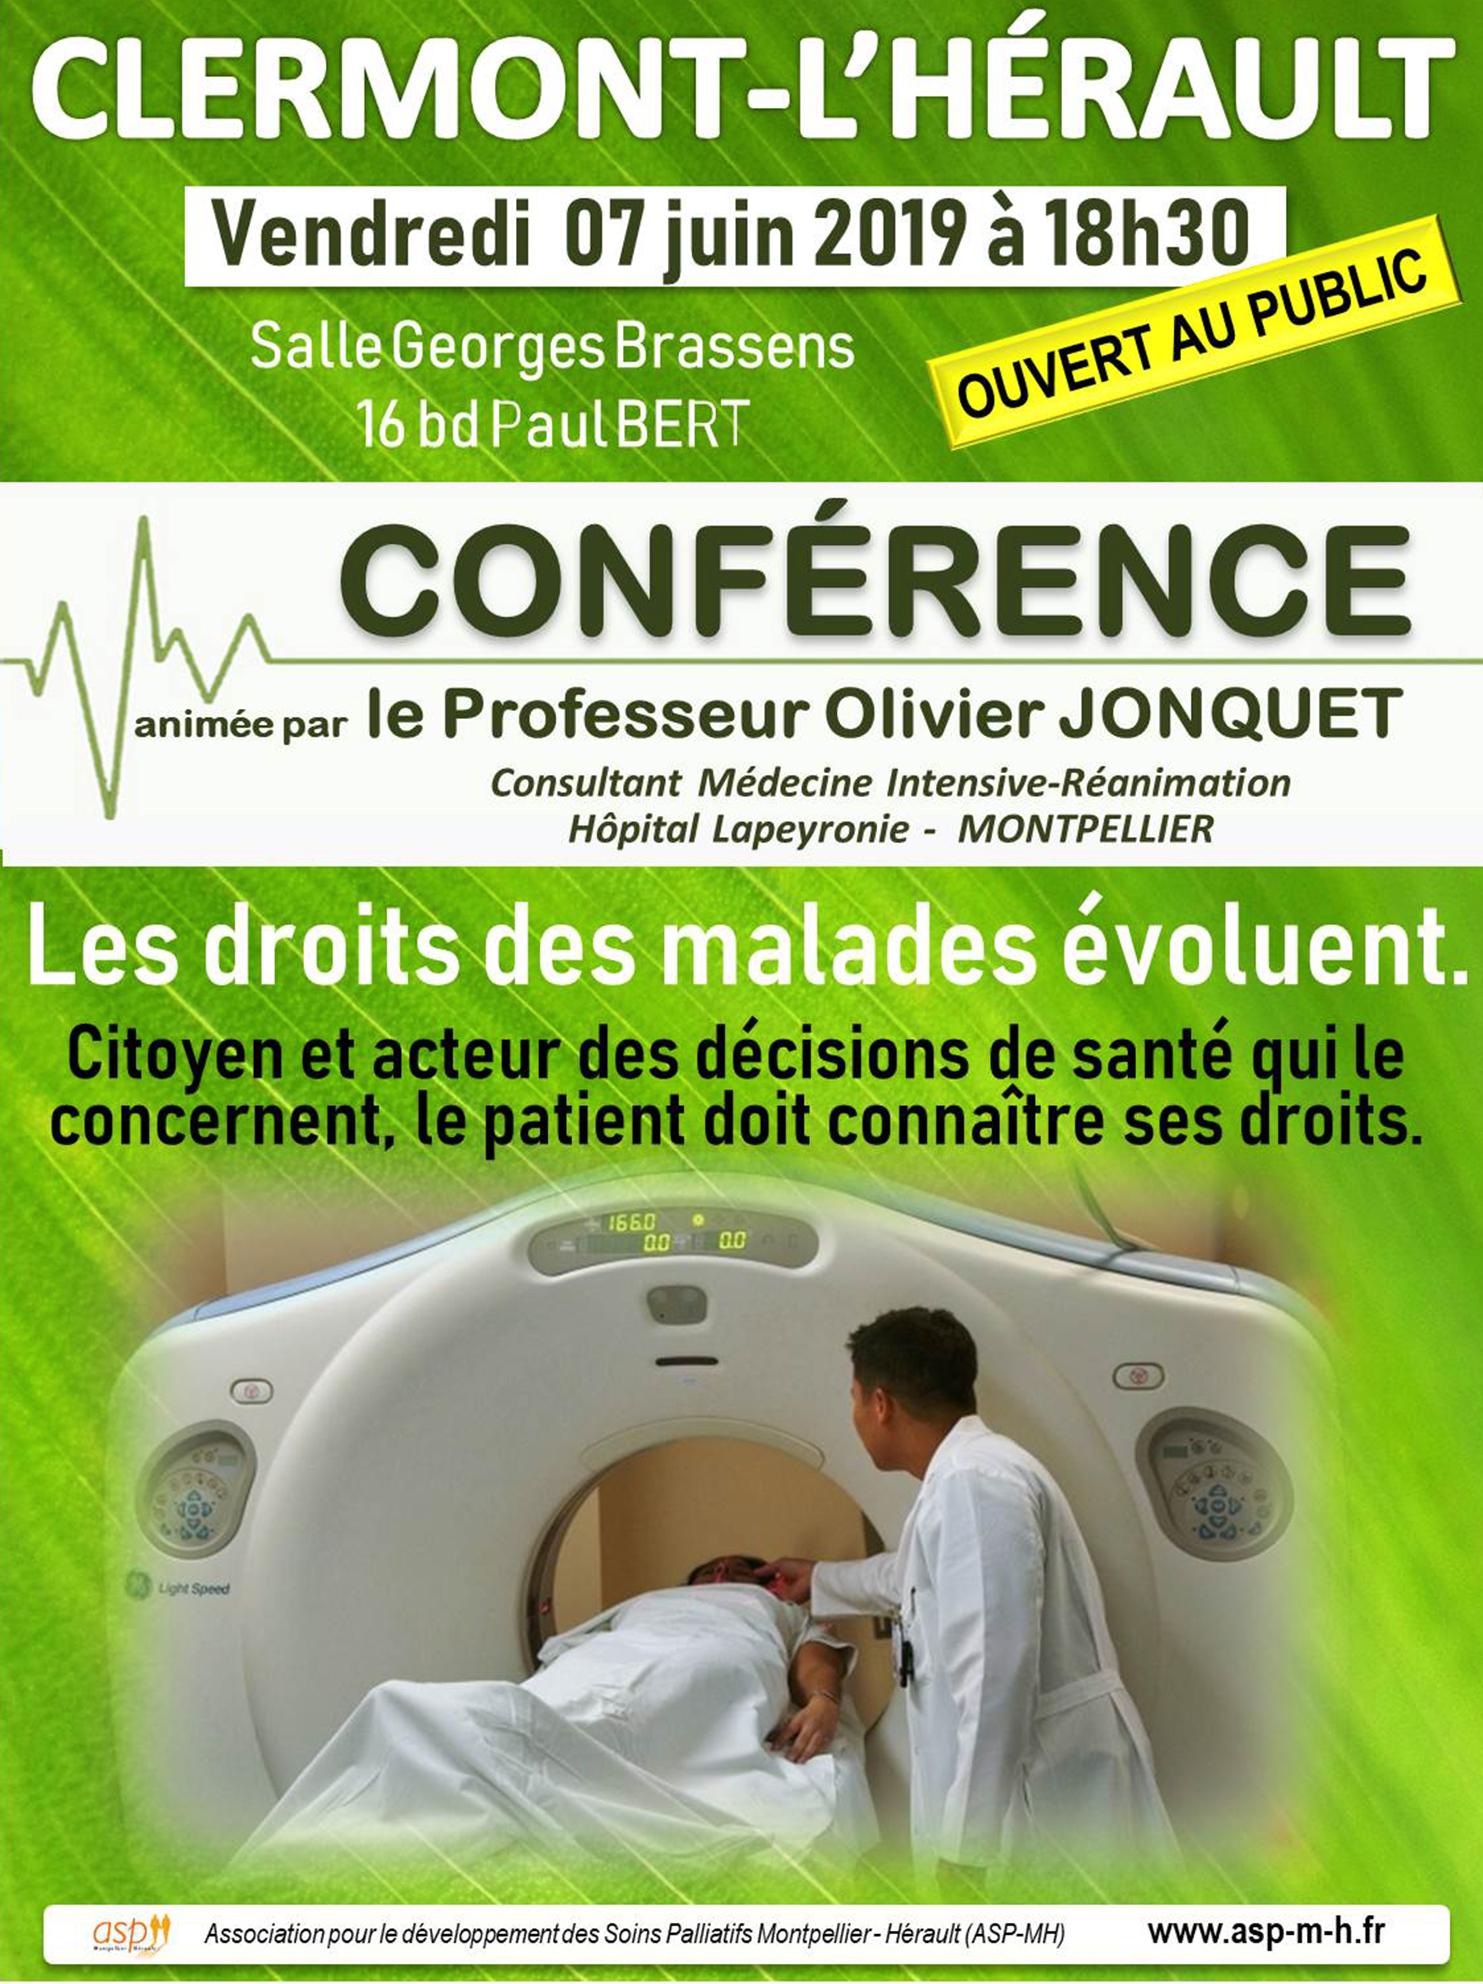 Conférence Clermont L'Hérault du 07 juin 2019 w